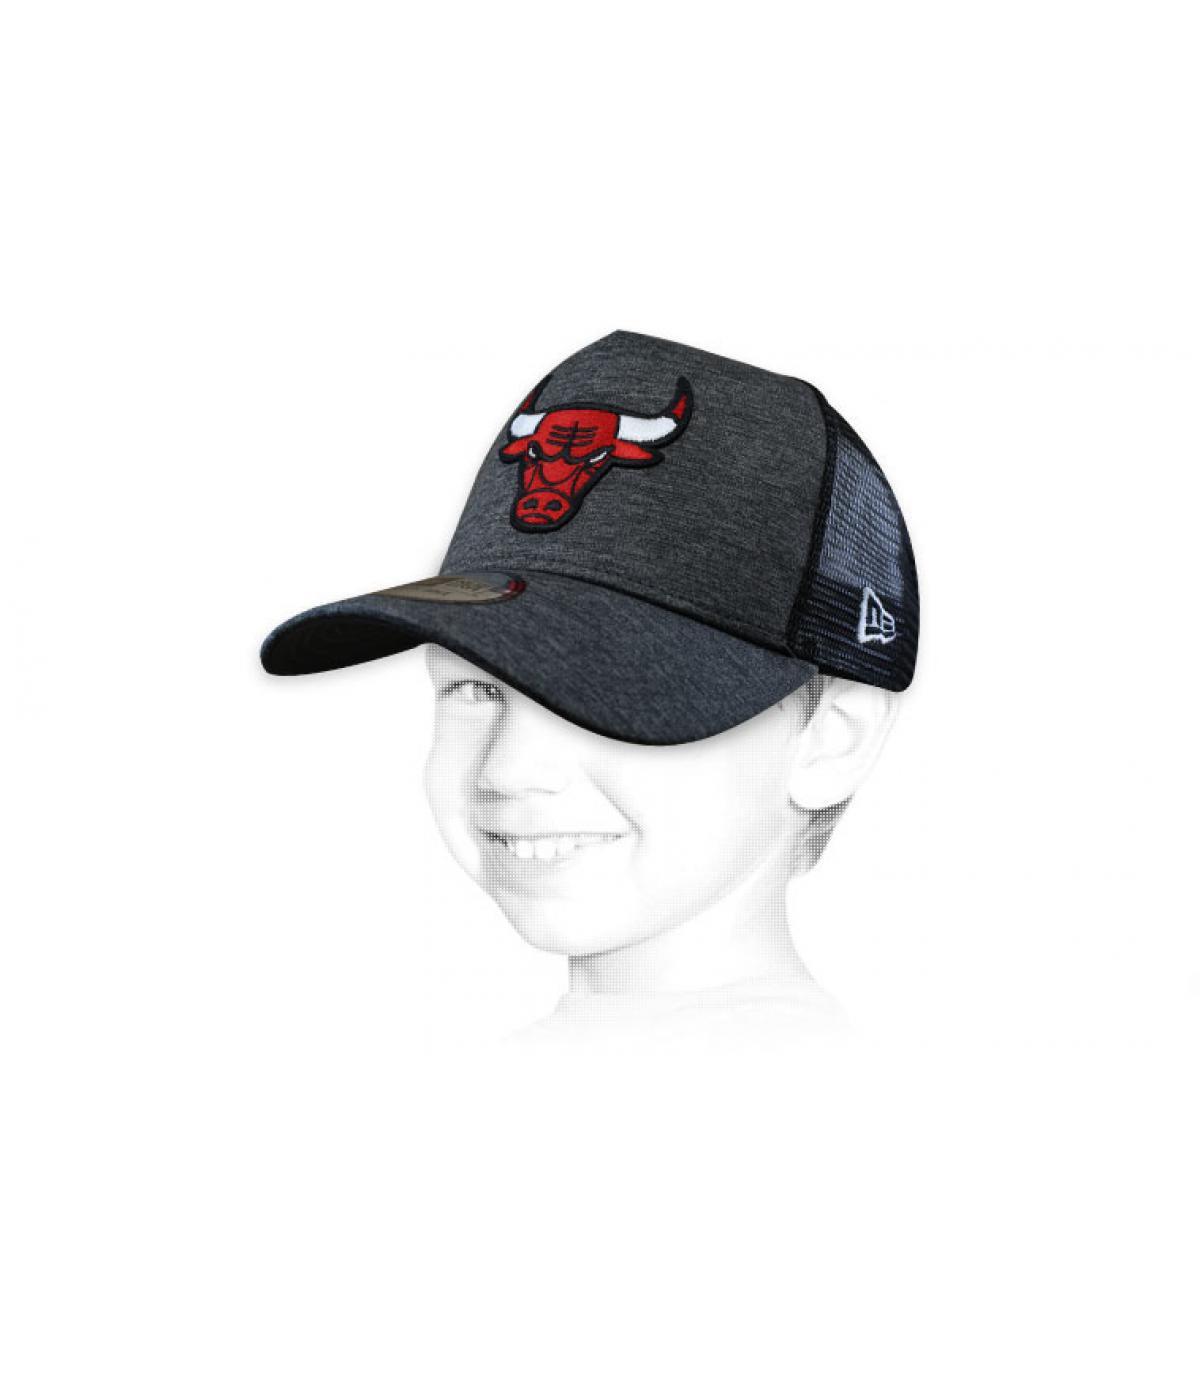 Bulls kid trucker